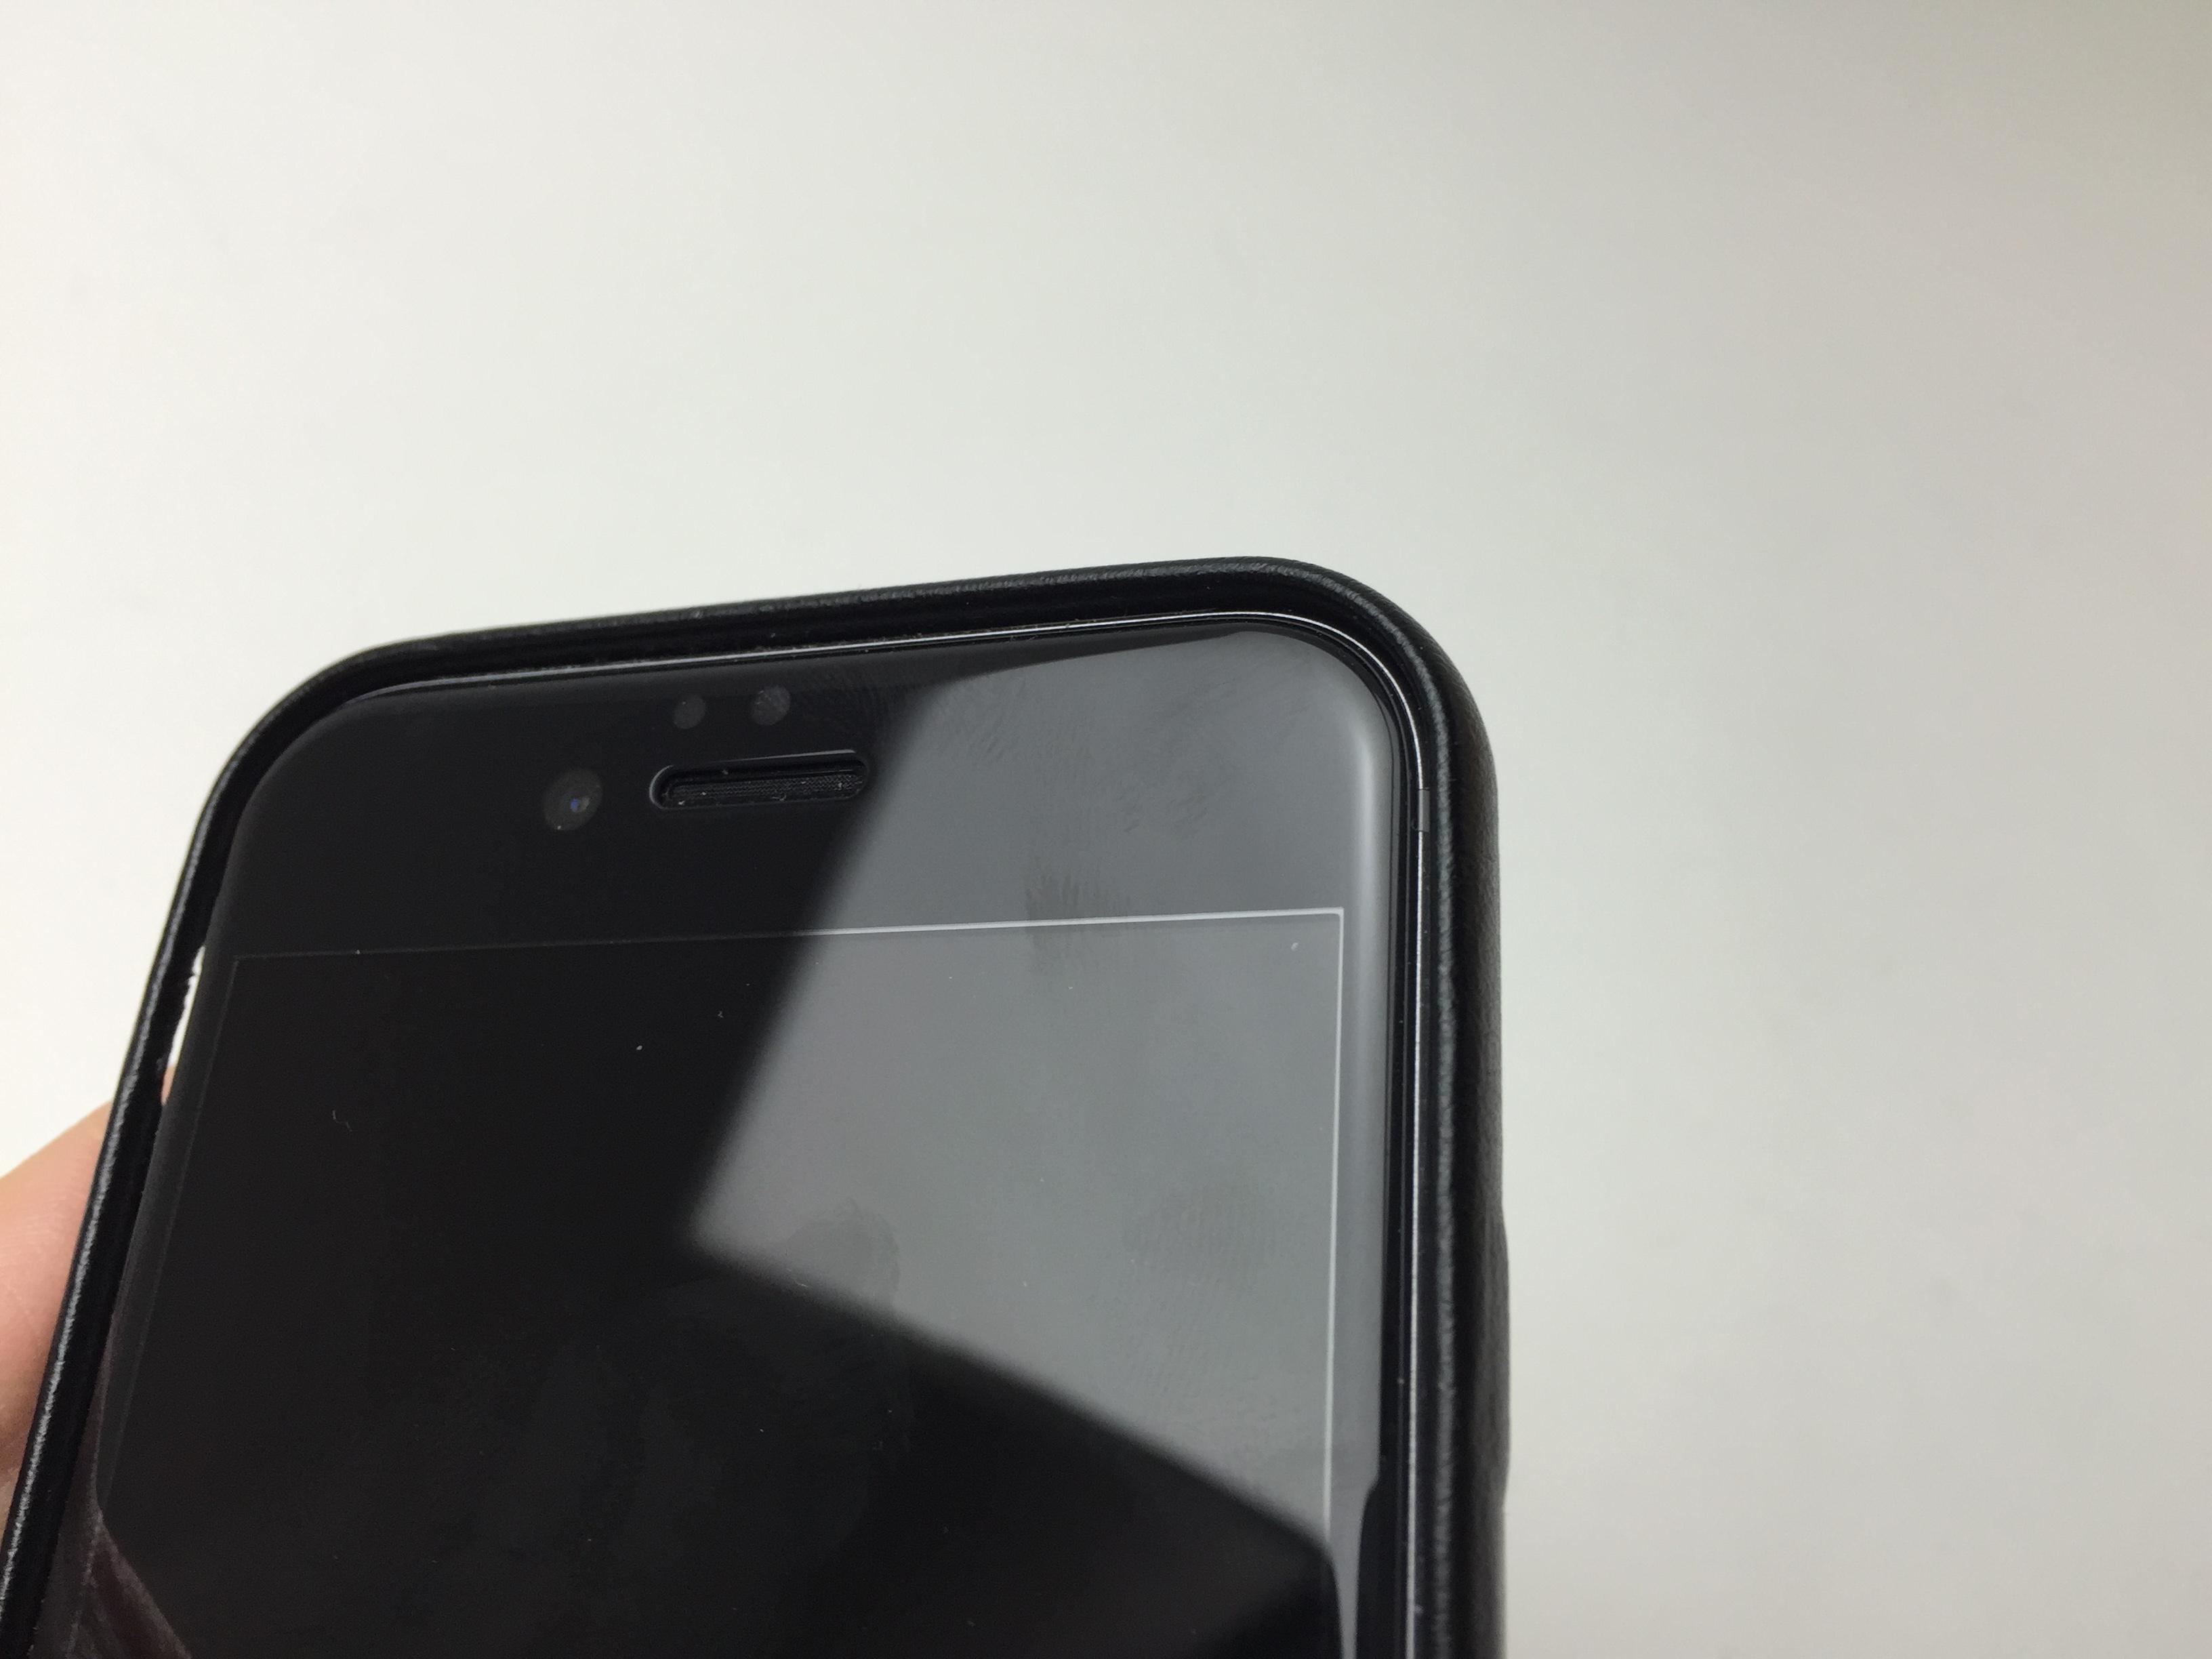 ドラゴントレイルを採用したガラス保護シート OverLay Glass for iPhone 6とケースの組み合わせ